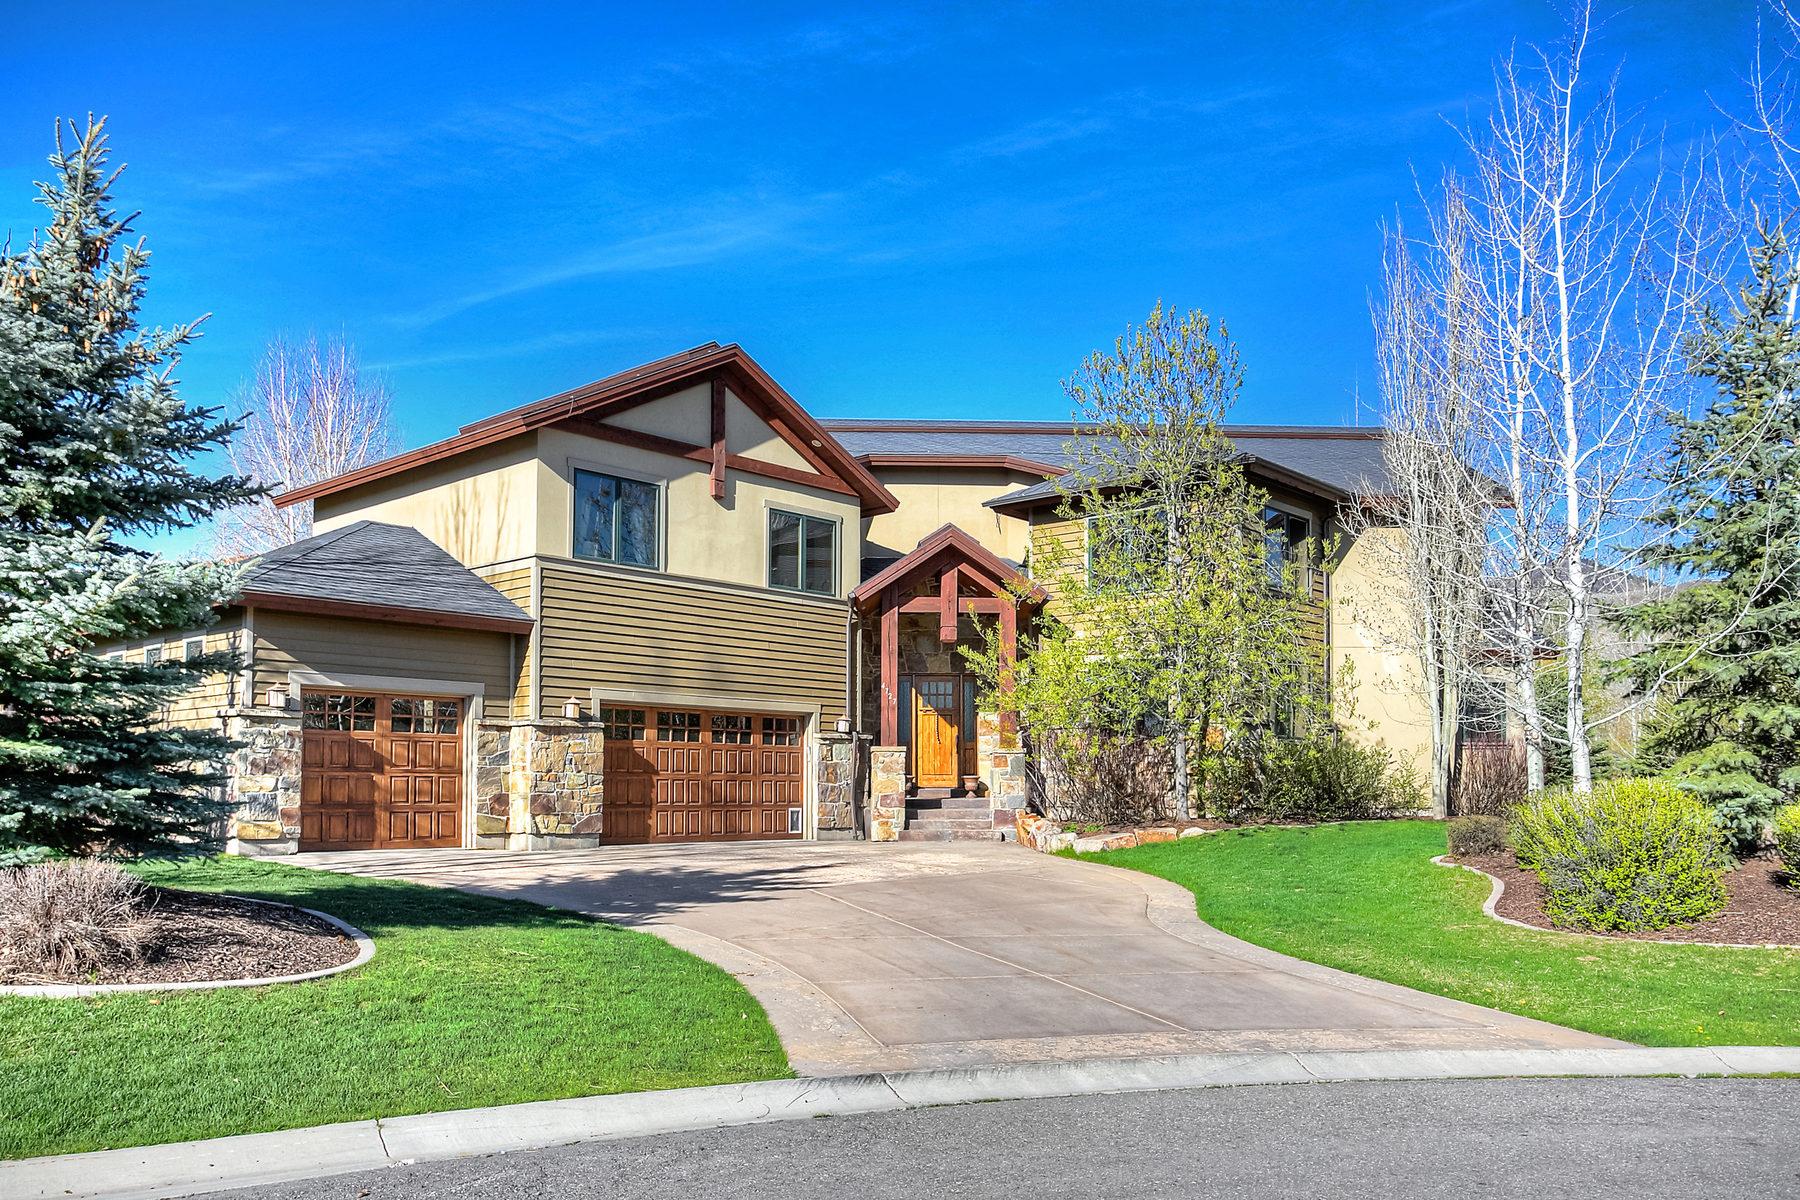 Casa Unifamiliar por un Venta en Panoramic Views, Convenient Location 4727 Pace Dr Park City, Utah 84098 Estados Unidos